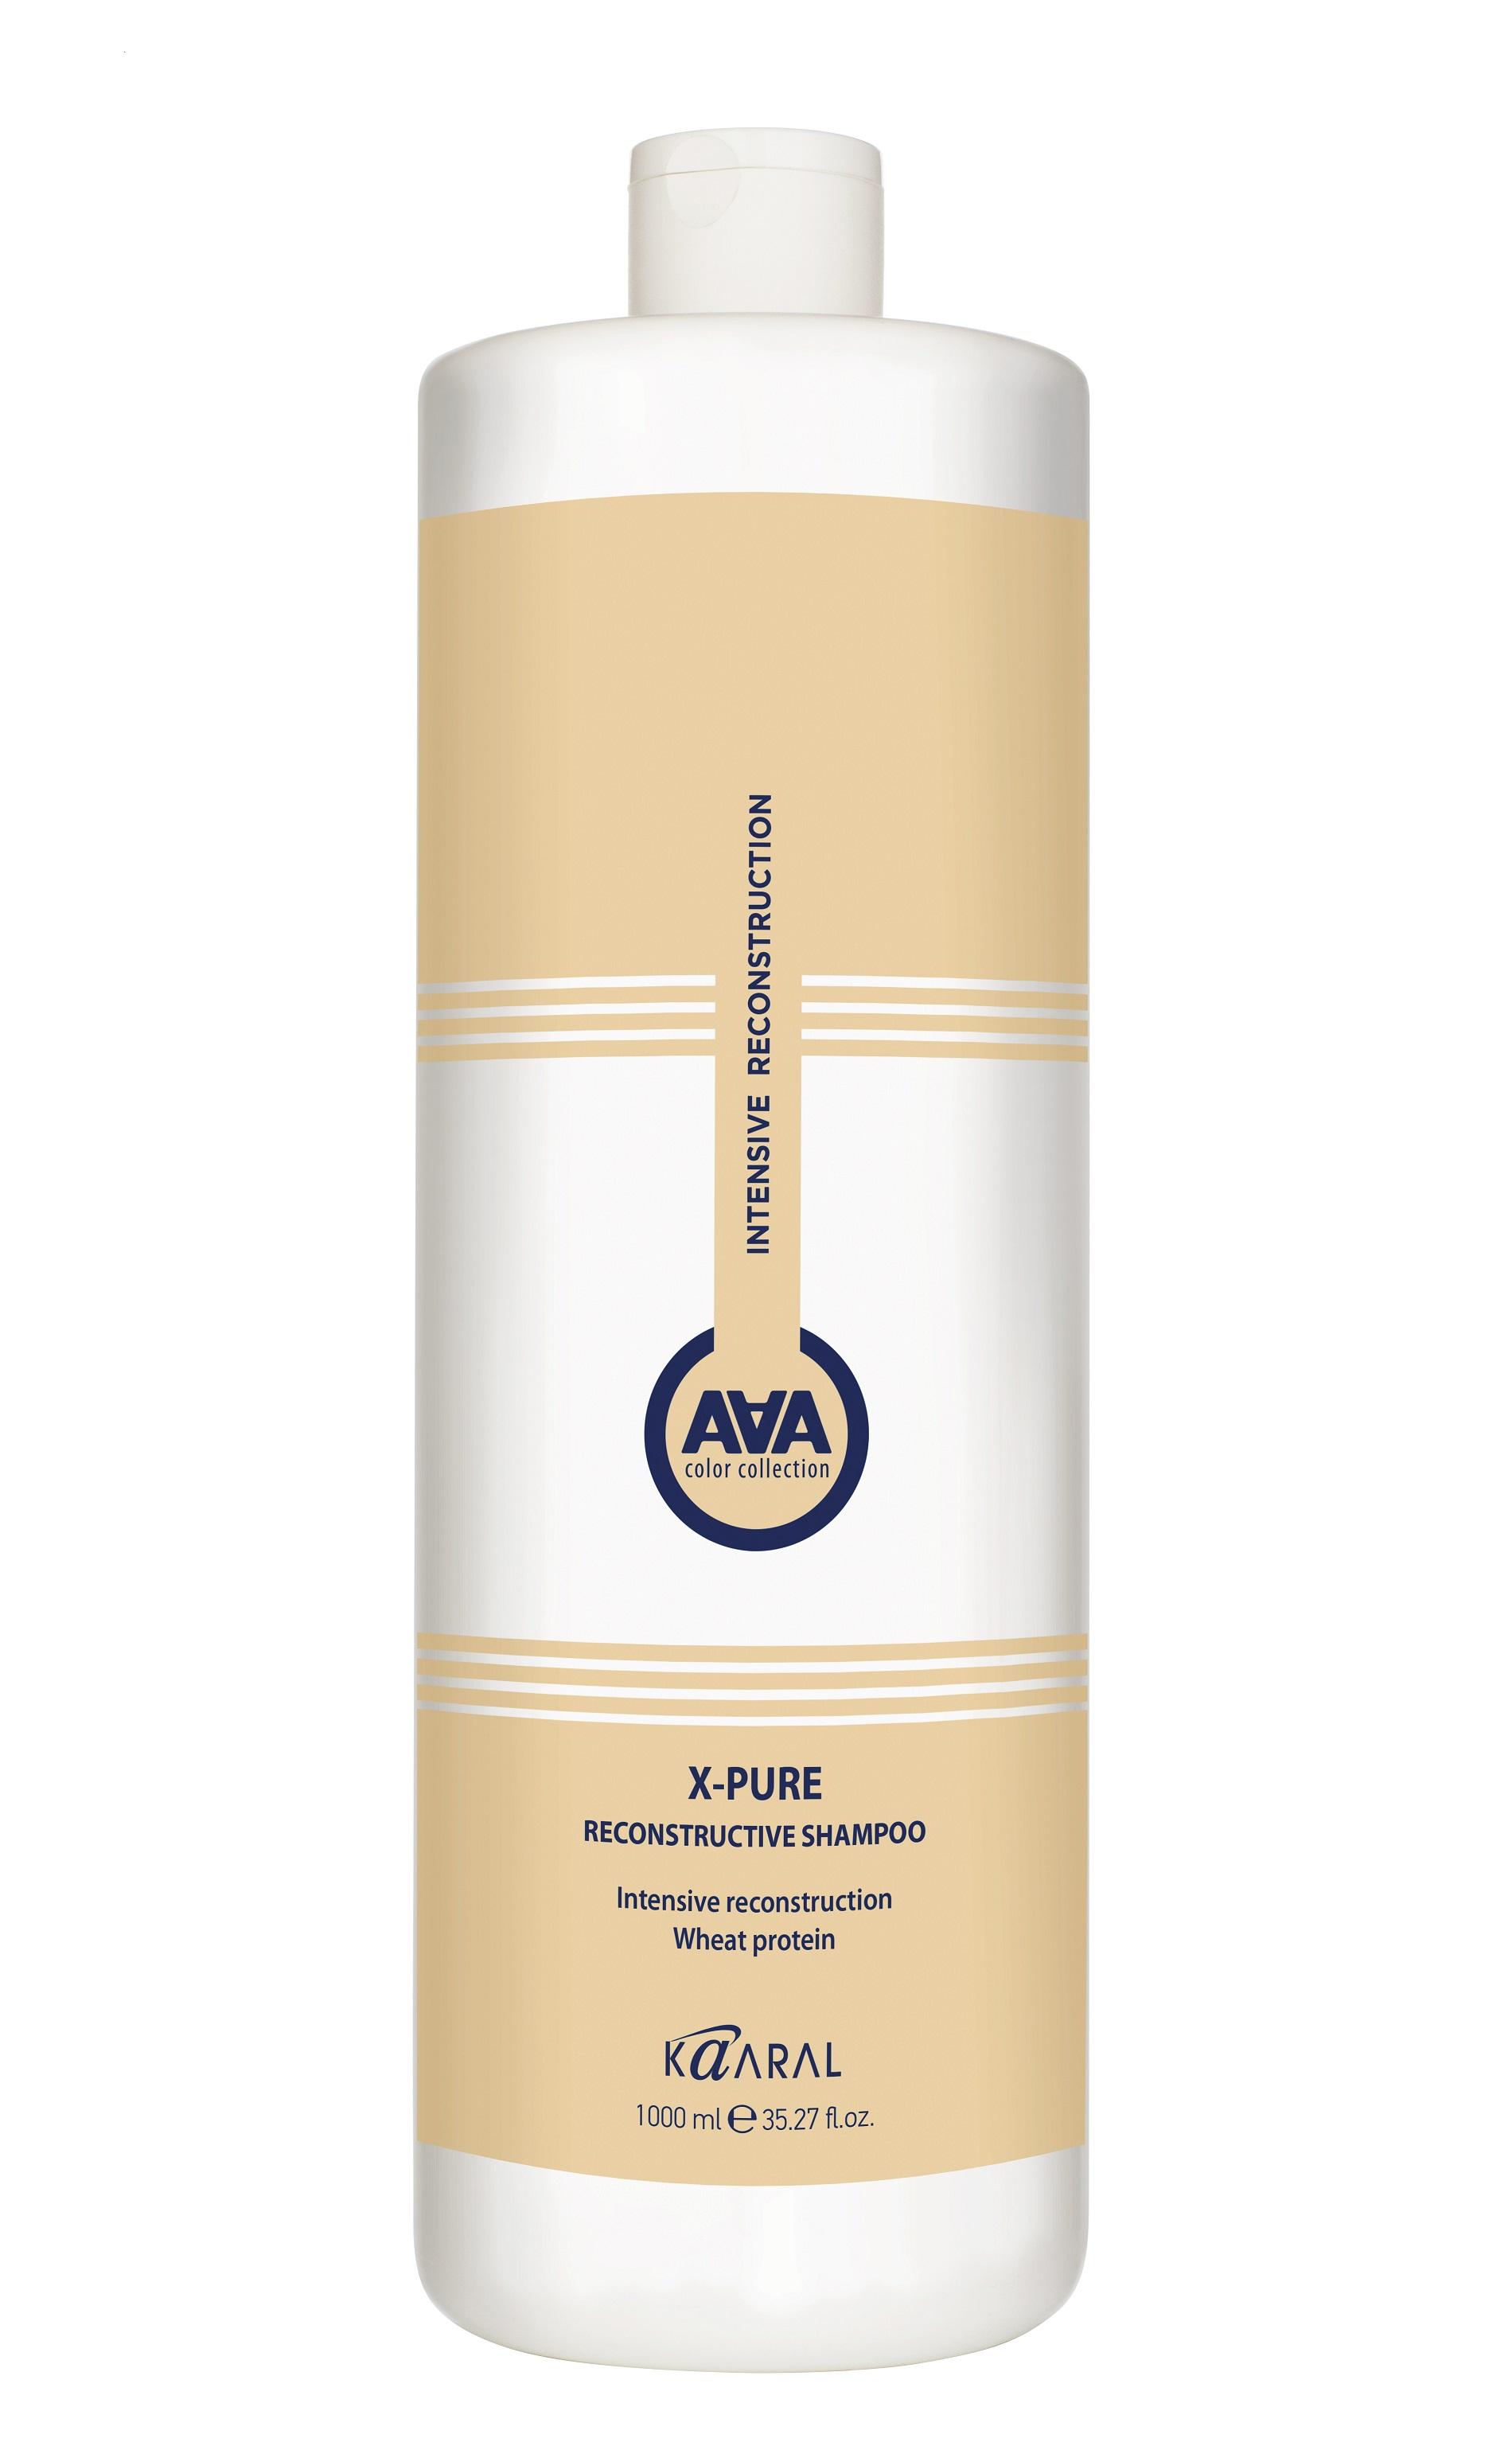 Купить Шампунь восстанавливающий для поврежденных волос с пшеничными протеинами AAA X-FORM 1000мл, Kaaral